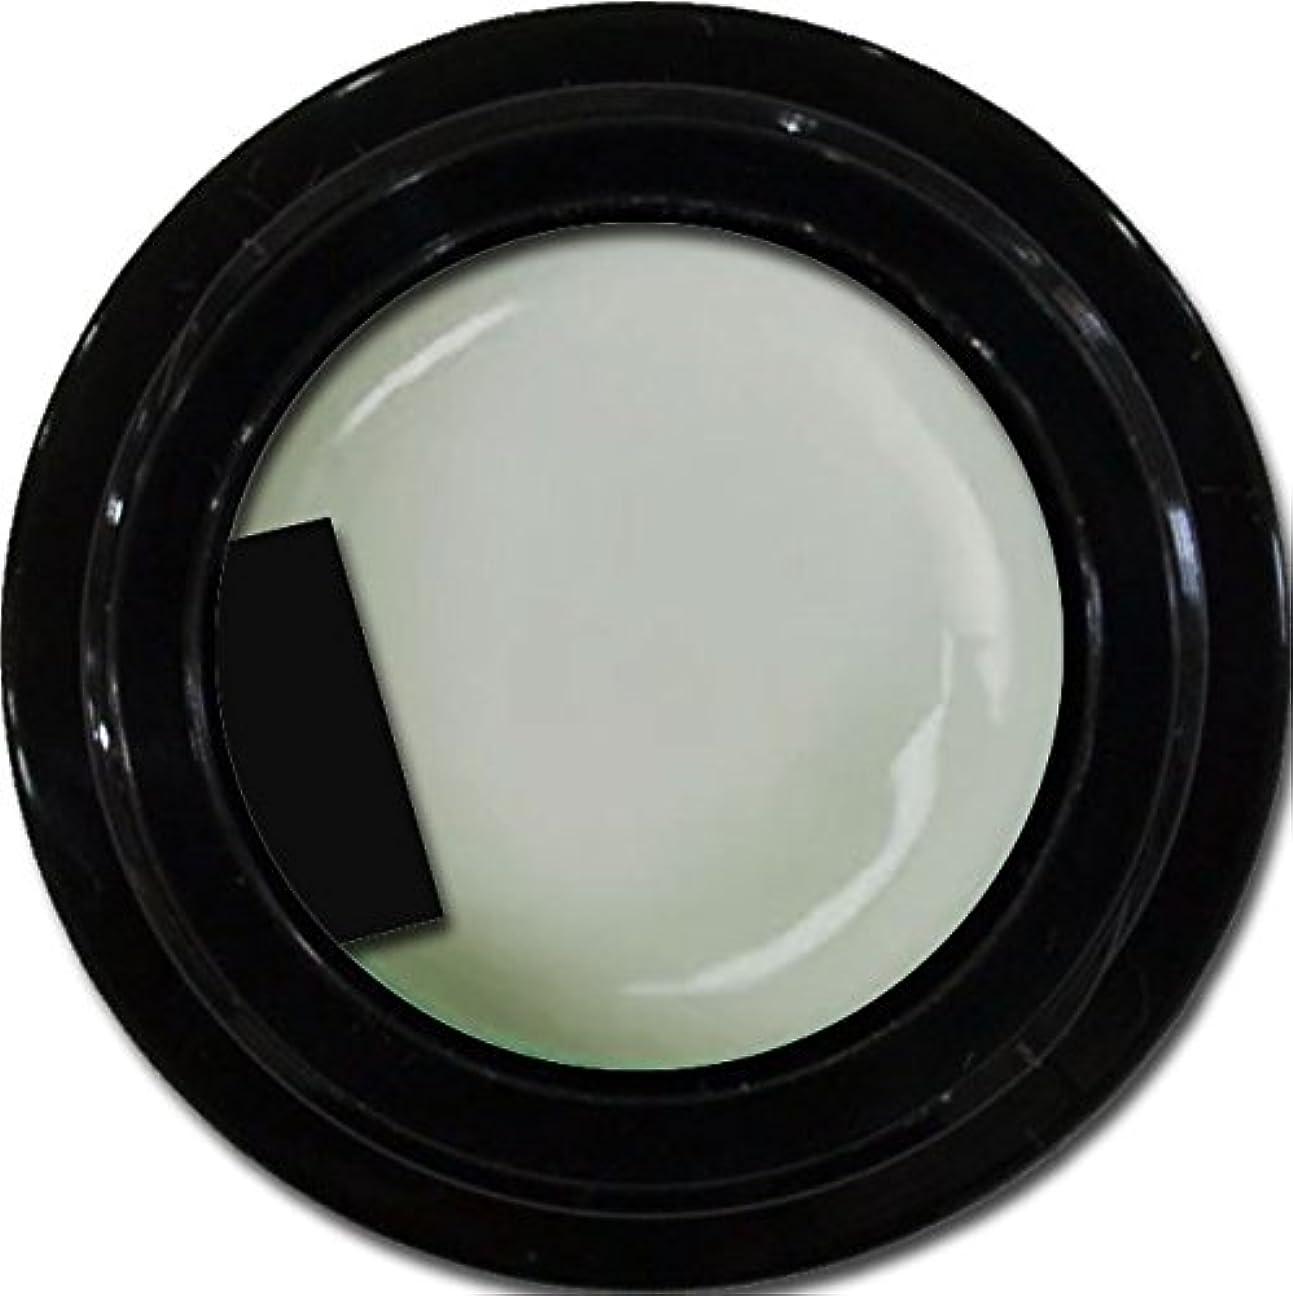 カラージェル enchant color gel M802 PuffGray 3g/ マットカラージェル M802 パフグレー 3グラム